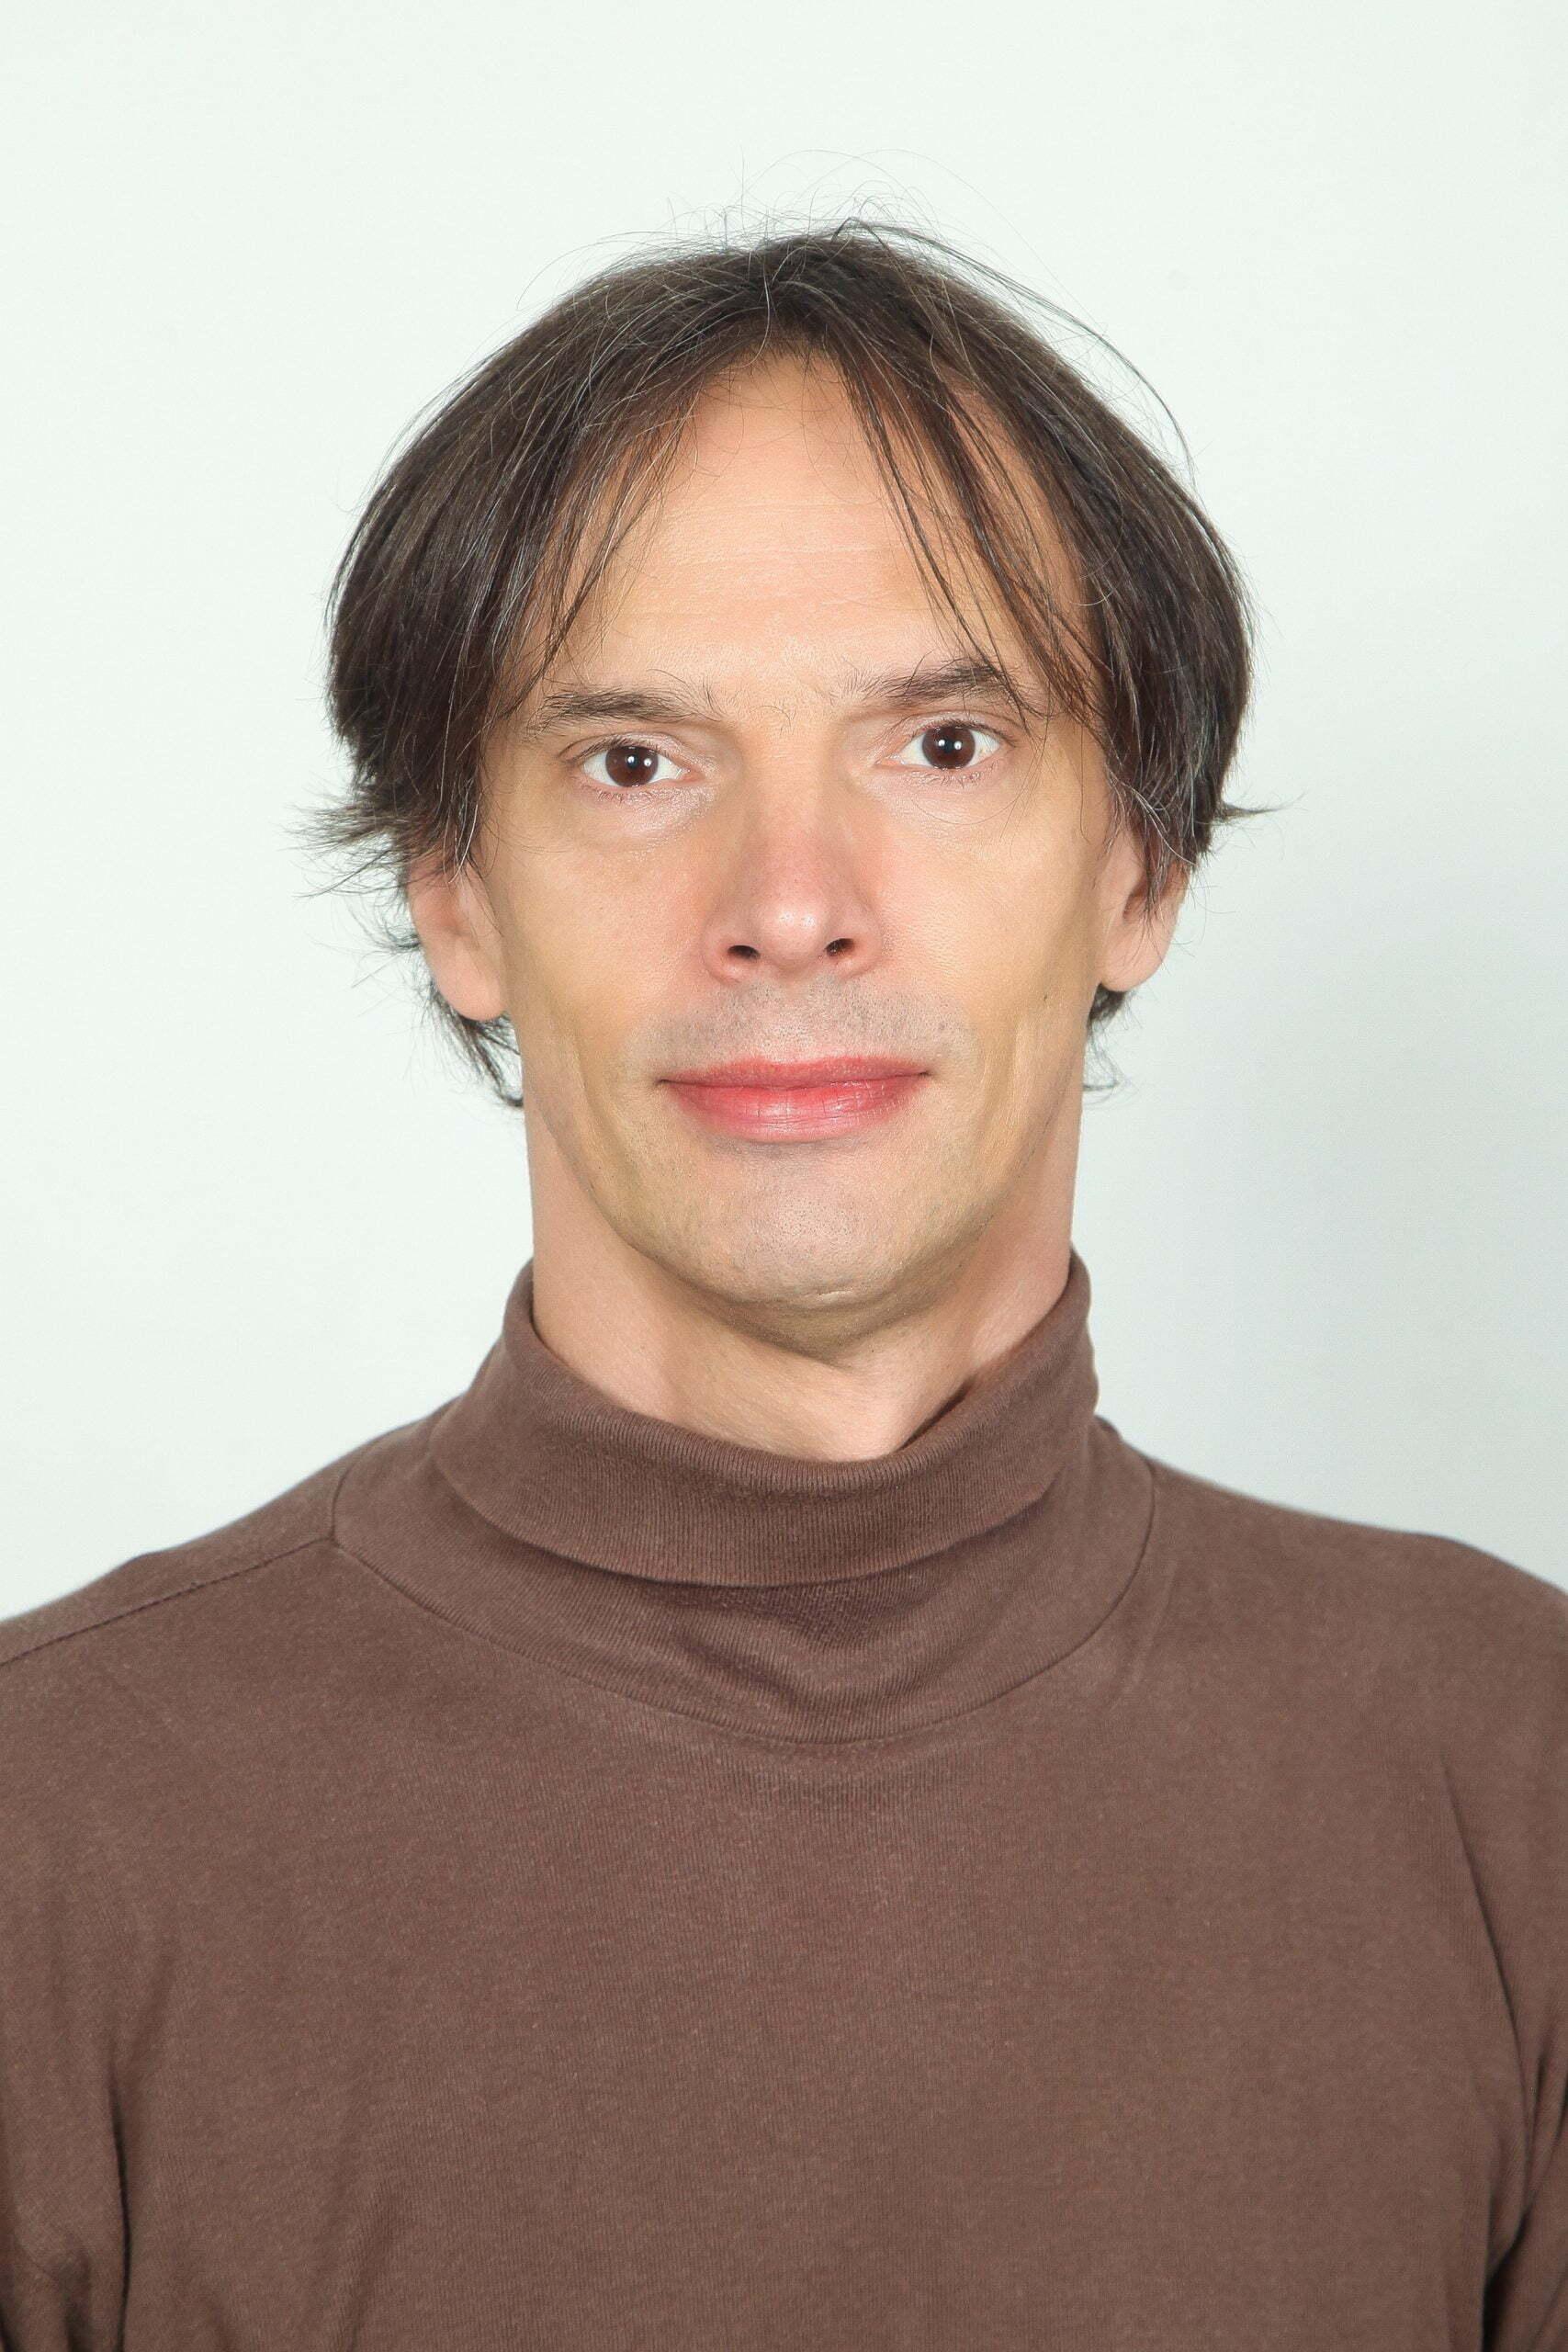 Vitaliy Shestakov